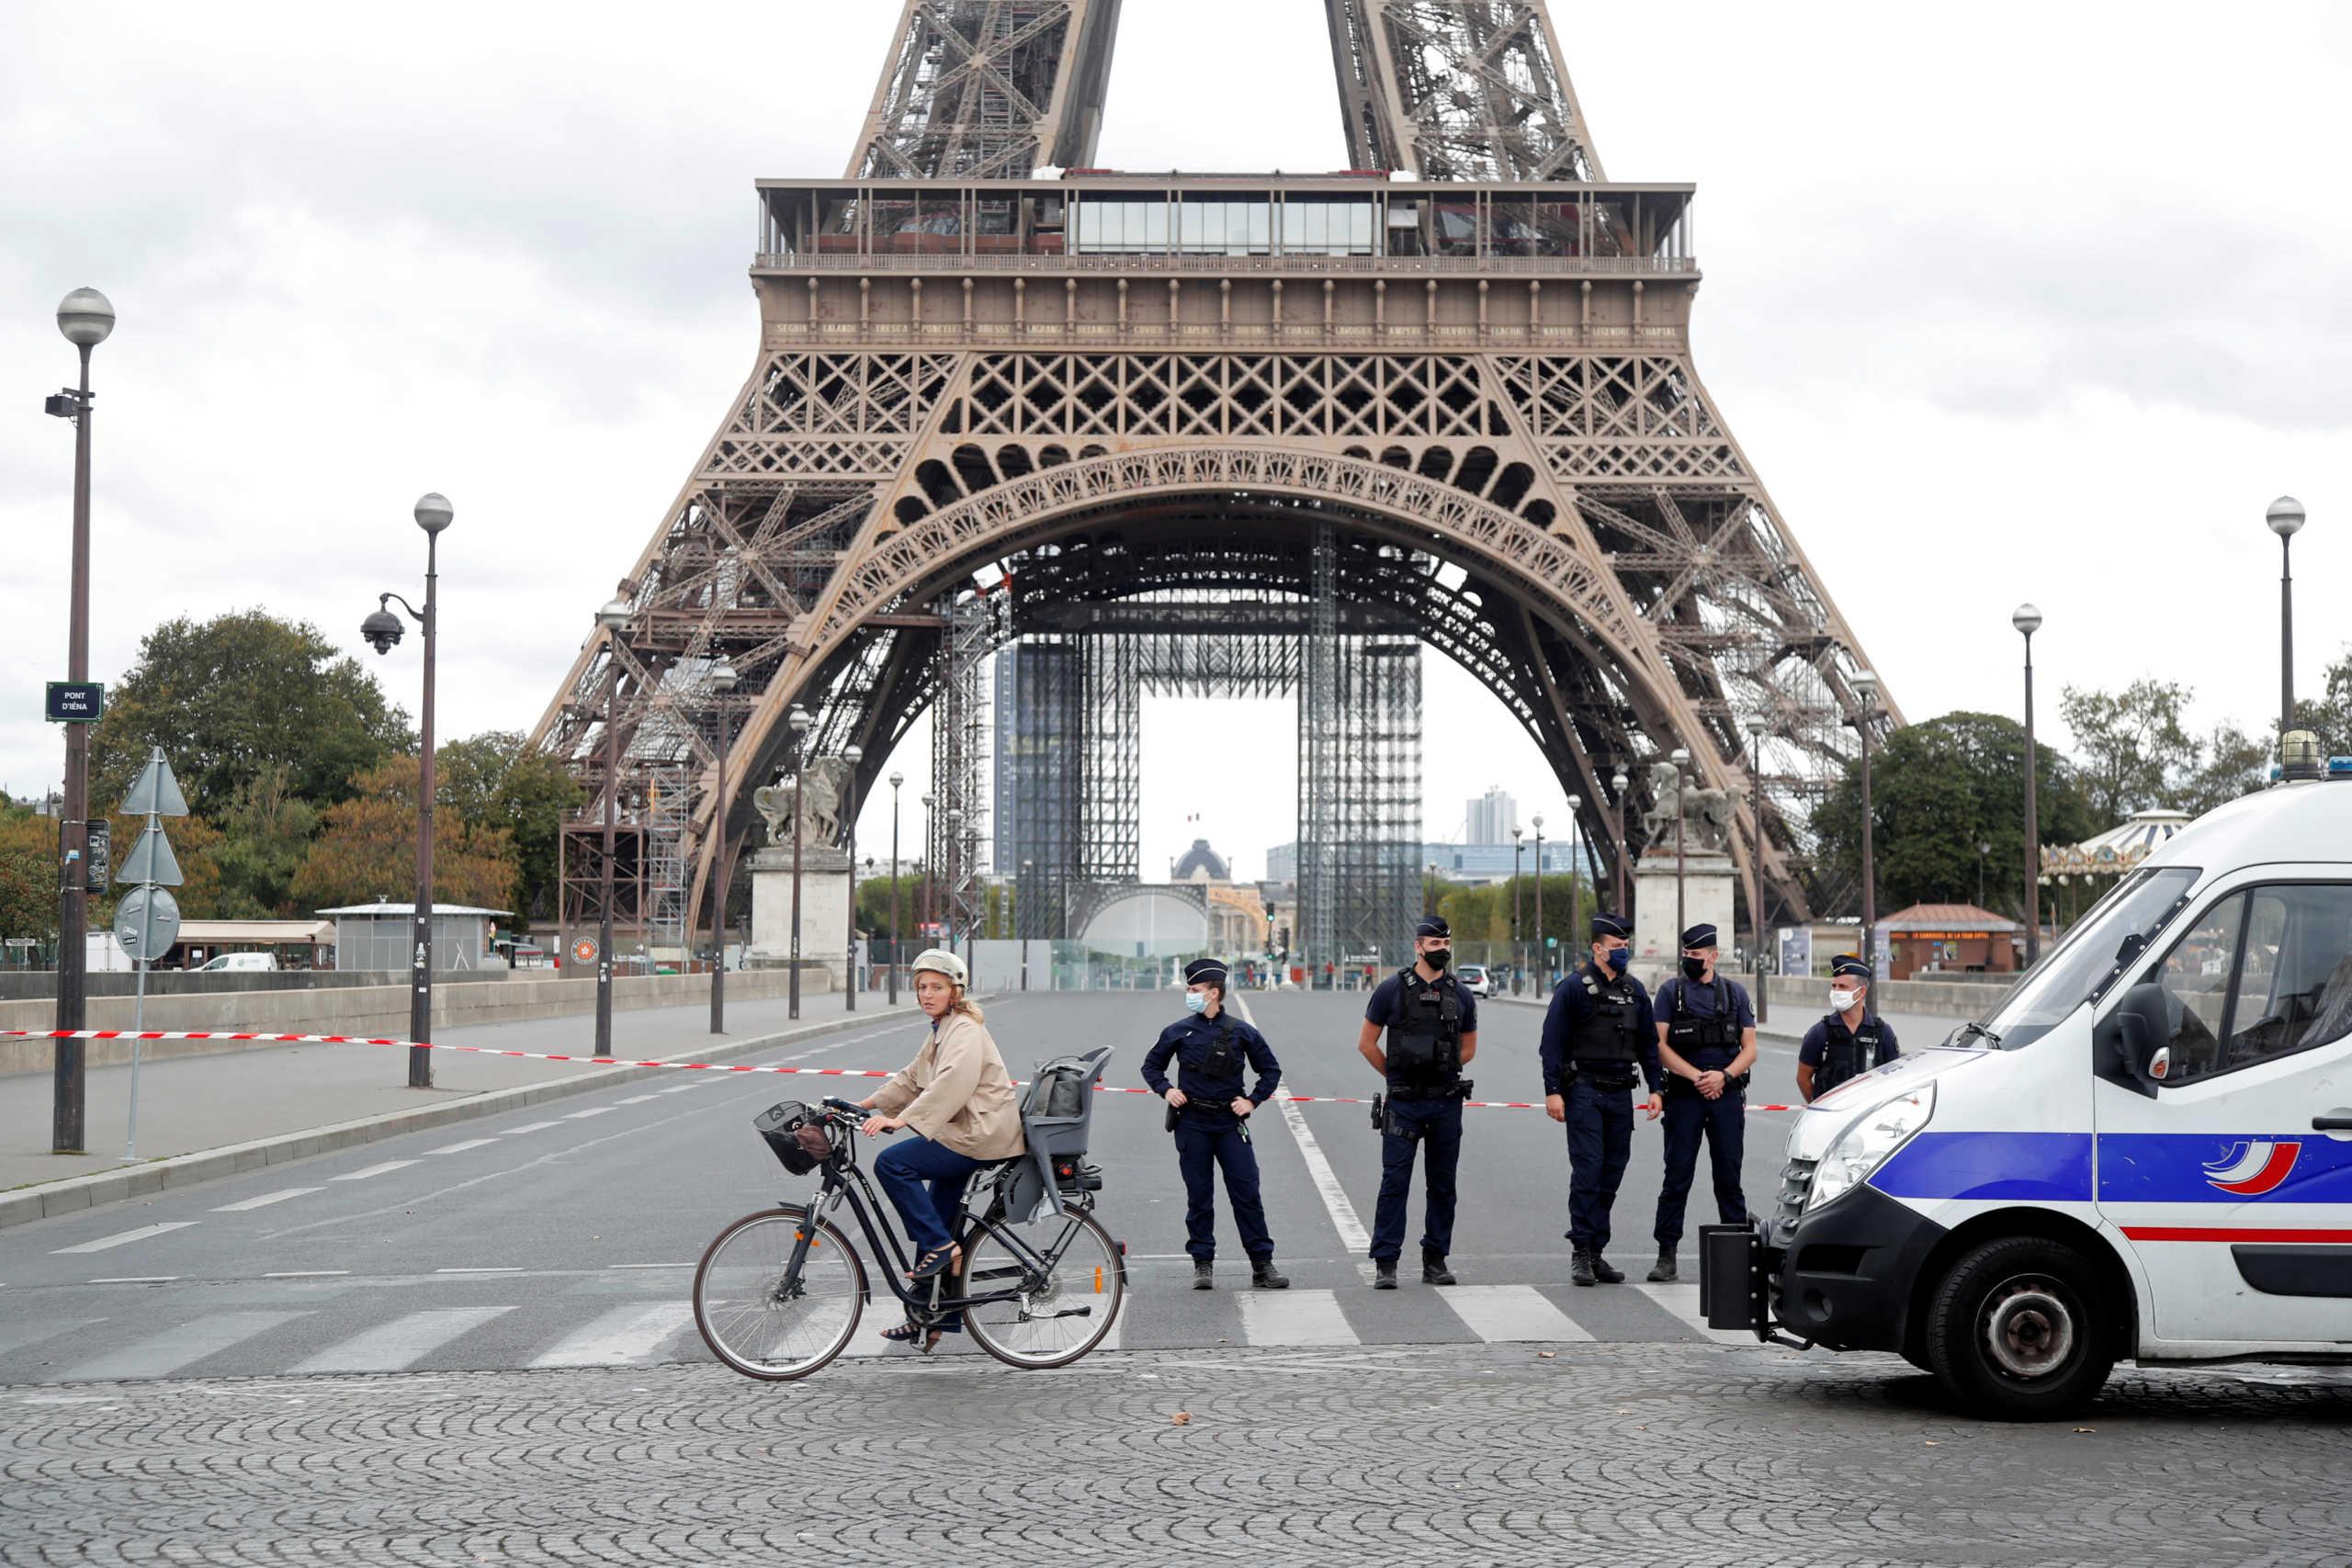 Εκκενώνεται ο Πύργος του Άιφελ: Συναγερμός μετά από τηλεφώνημα για βόμβα